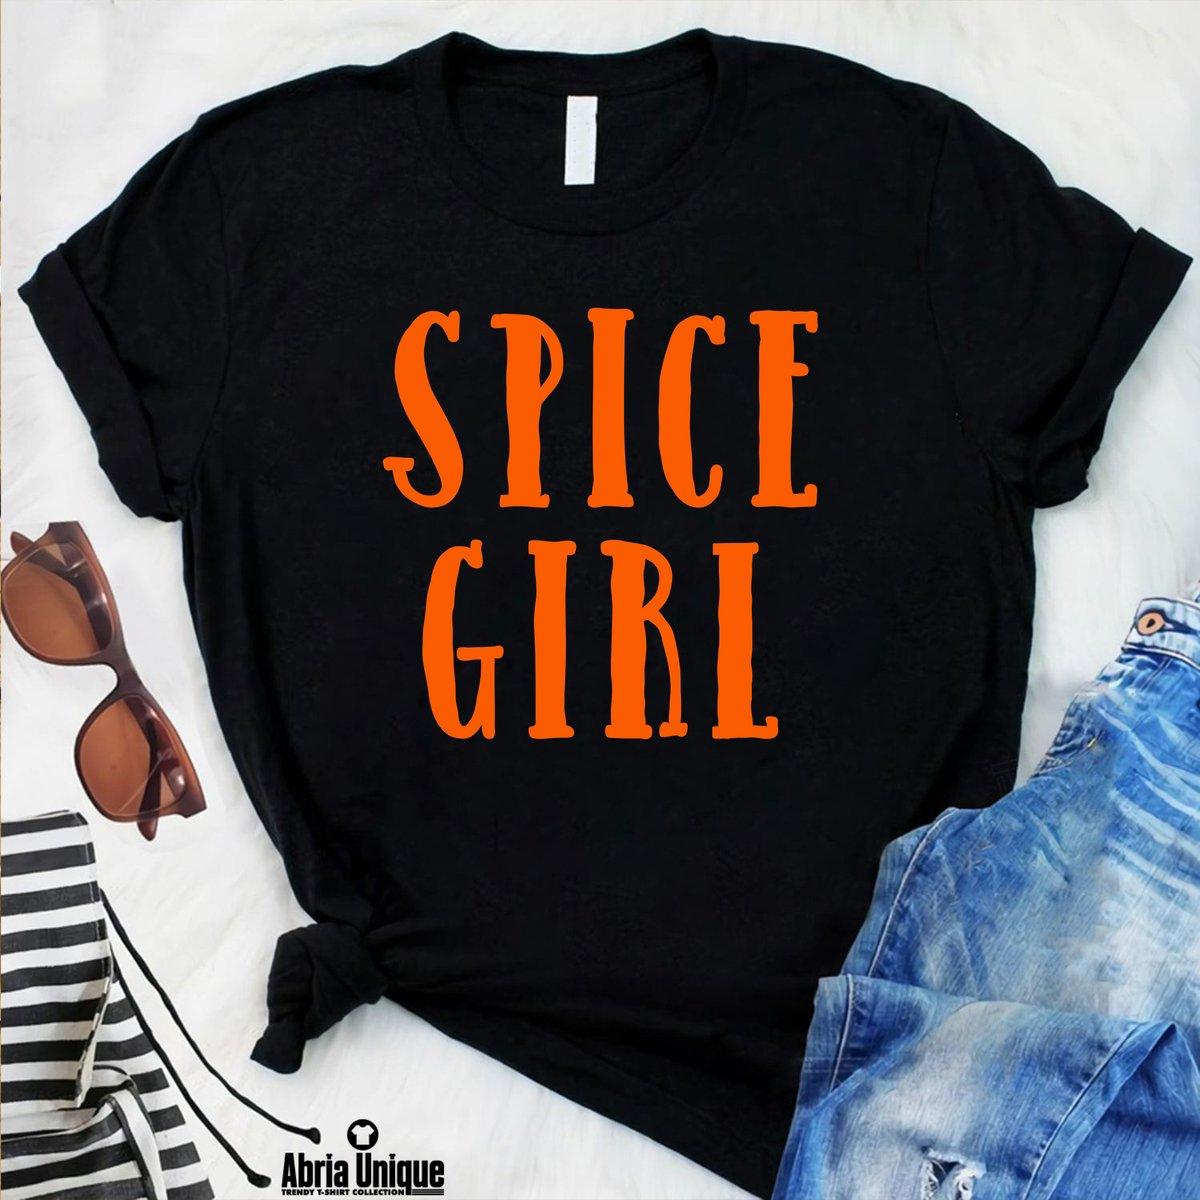 Spice Girls, Pumpkin Spice Shirt Order Here: https://t.co/W0B96Z0WaS  #spicegirls #spicegirlsforever #spicegirlsreunion #thespicegirls #spice #love #pumpkinspice #pumpkinspicelatte #pumpkinspiceeverything #pumpkinspiceseason #pumpkinspiceandeverythingnice #fall #pumpkin #pumpkins https://t.co/2OC0RsT9jj